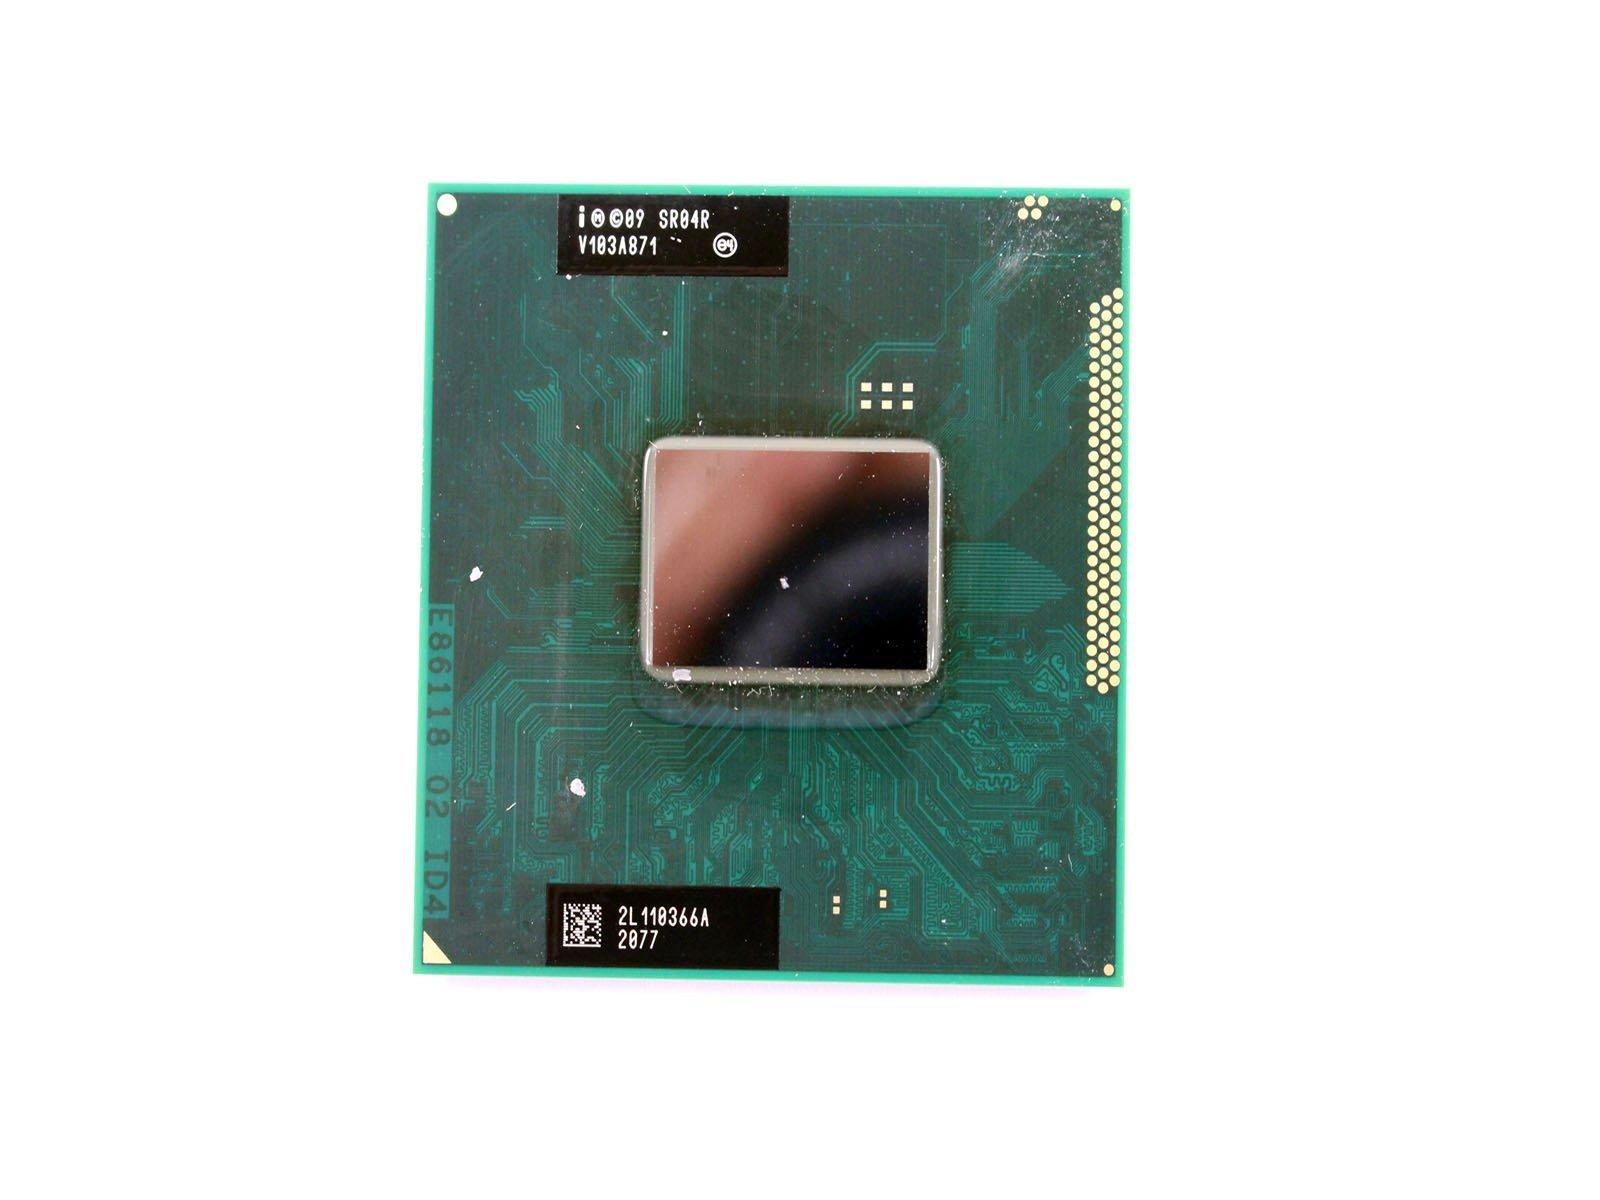 Intel Core i3-2310M 2.1GHz Dual Core Processor SR04R